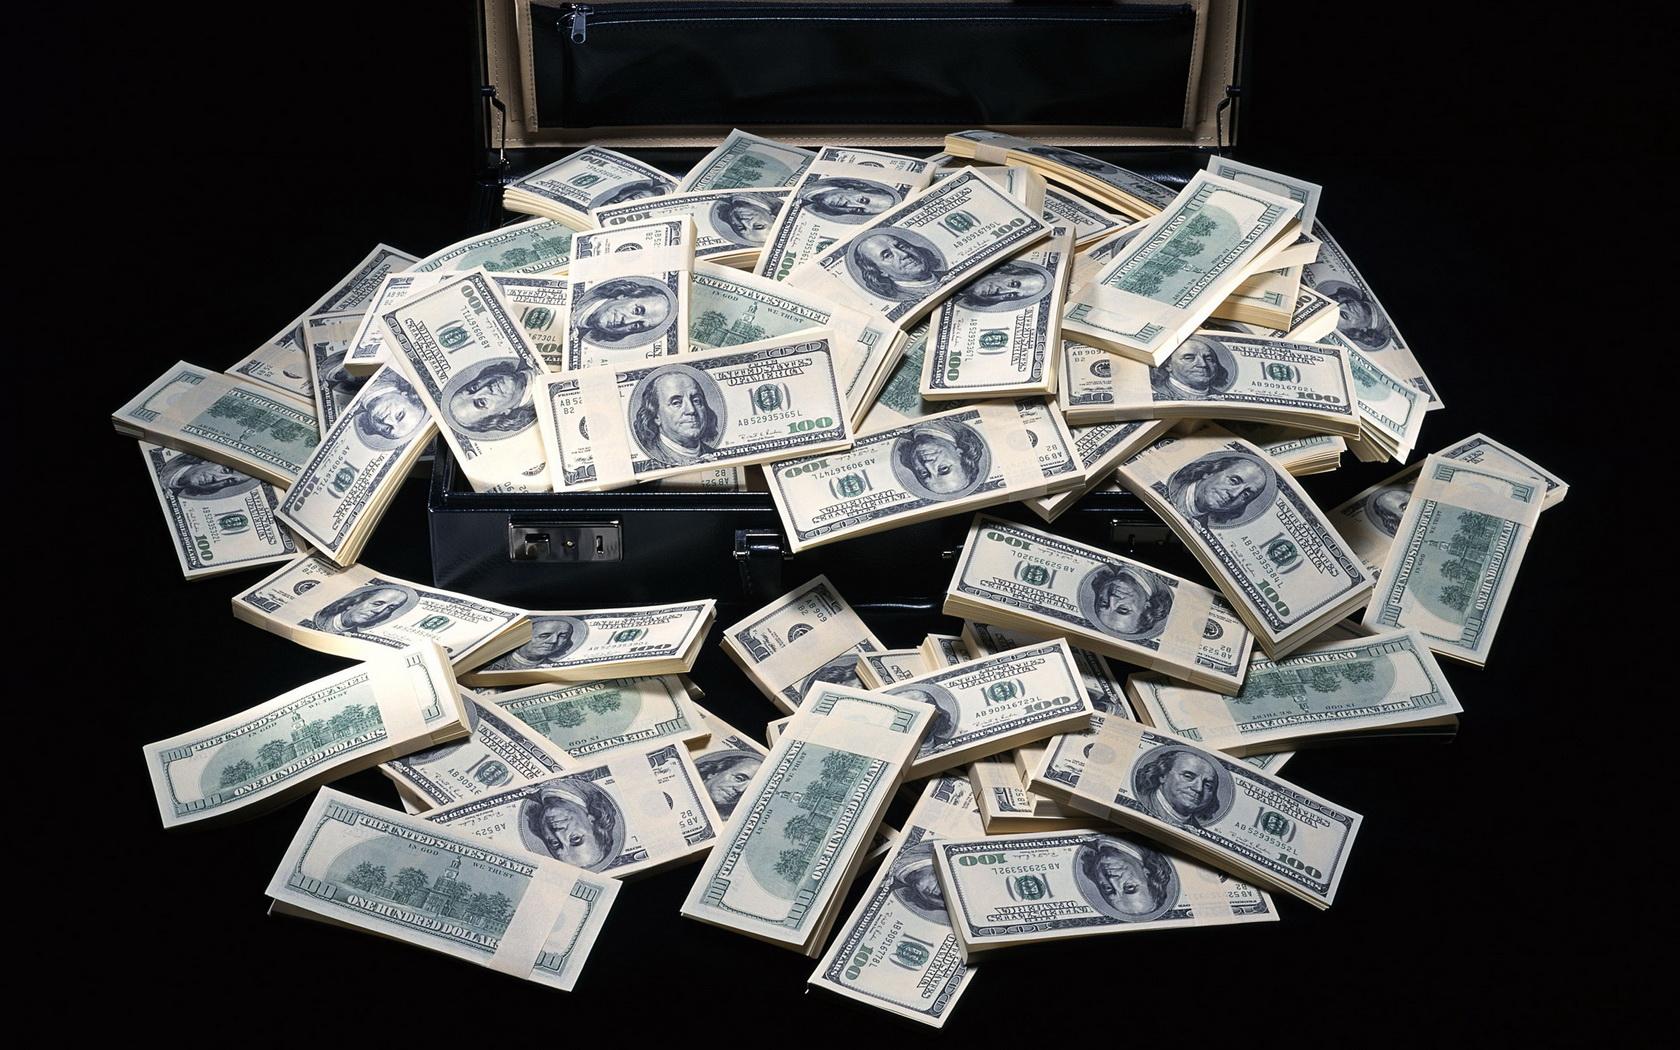 Money wallpaper 1680x1050 159398 WallpaperUP 1680x1050